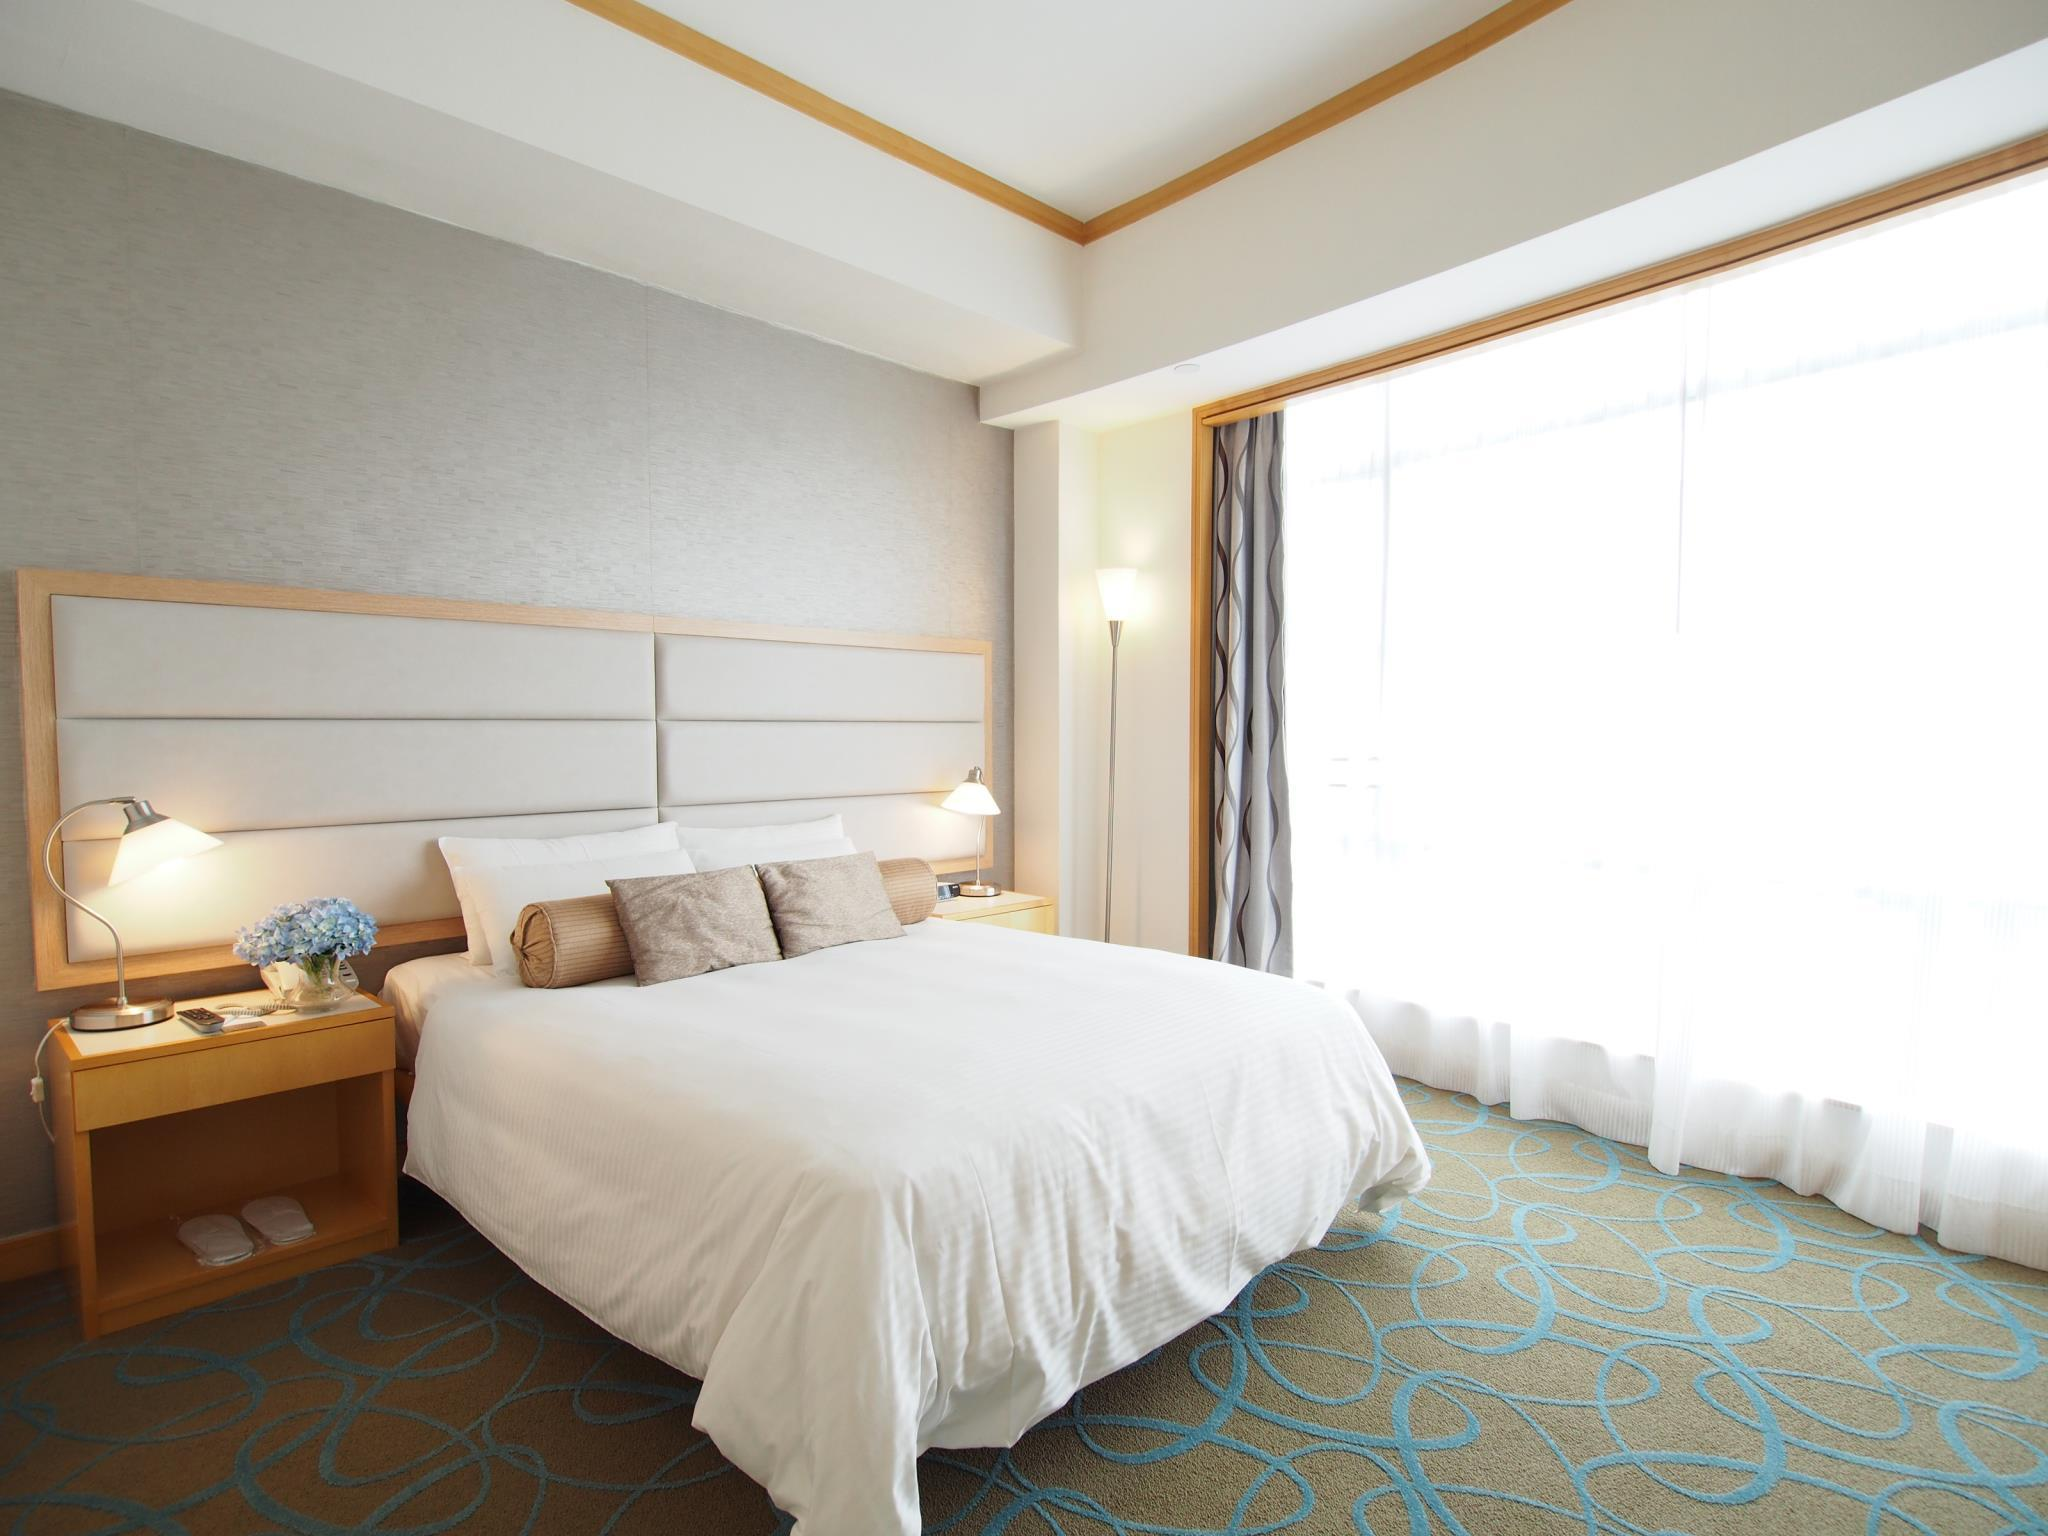 香港園景軒酒店 (Garden View Hong Kong) - Agoda 提供行程前一刻網上即時優惠價格訂房服務